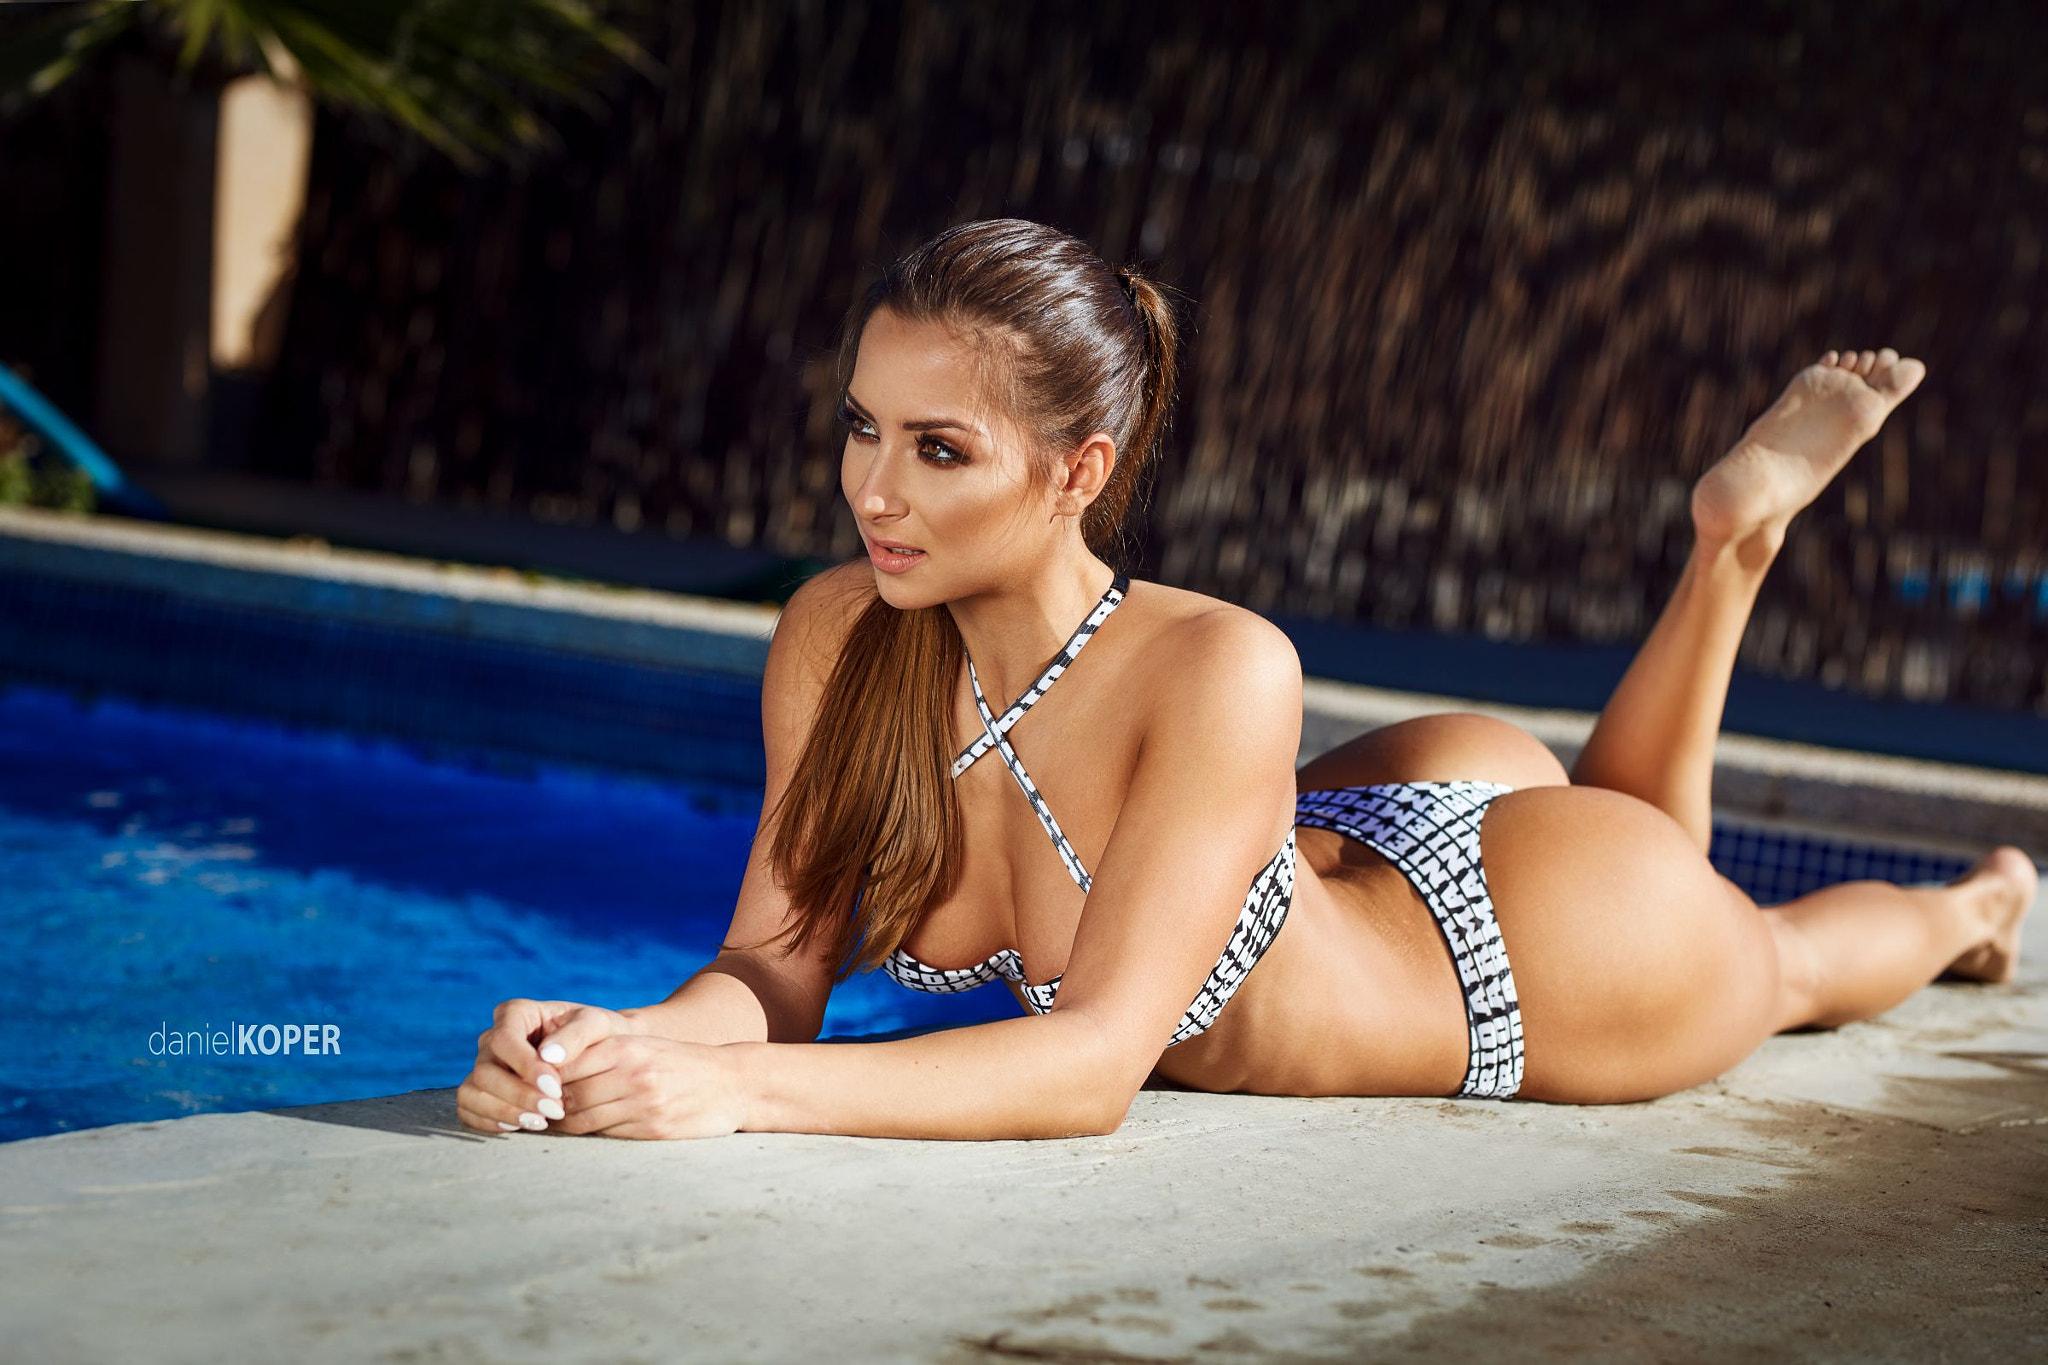 bra Ass butt bikini